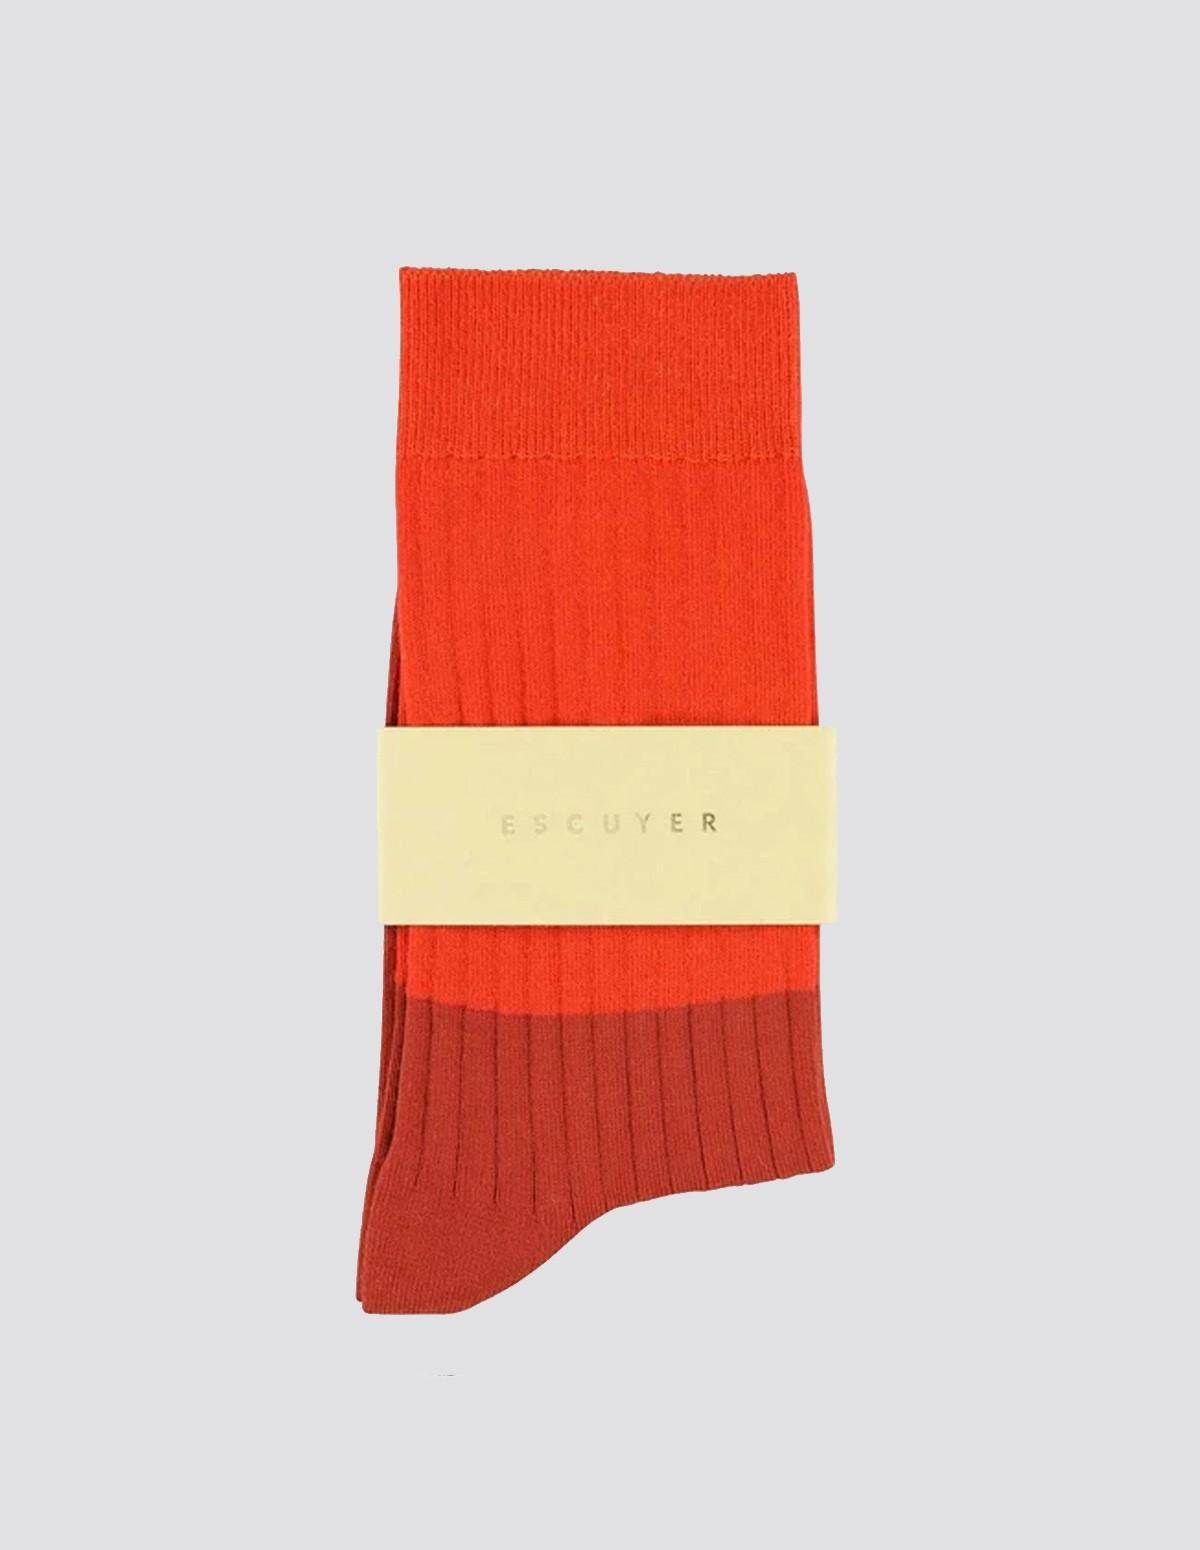 Escuyer Colour Block Socks - ORANGEADE/CHILLI OIL